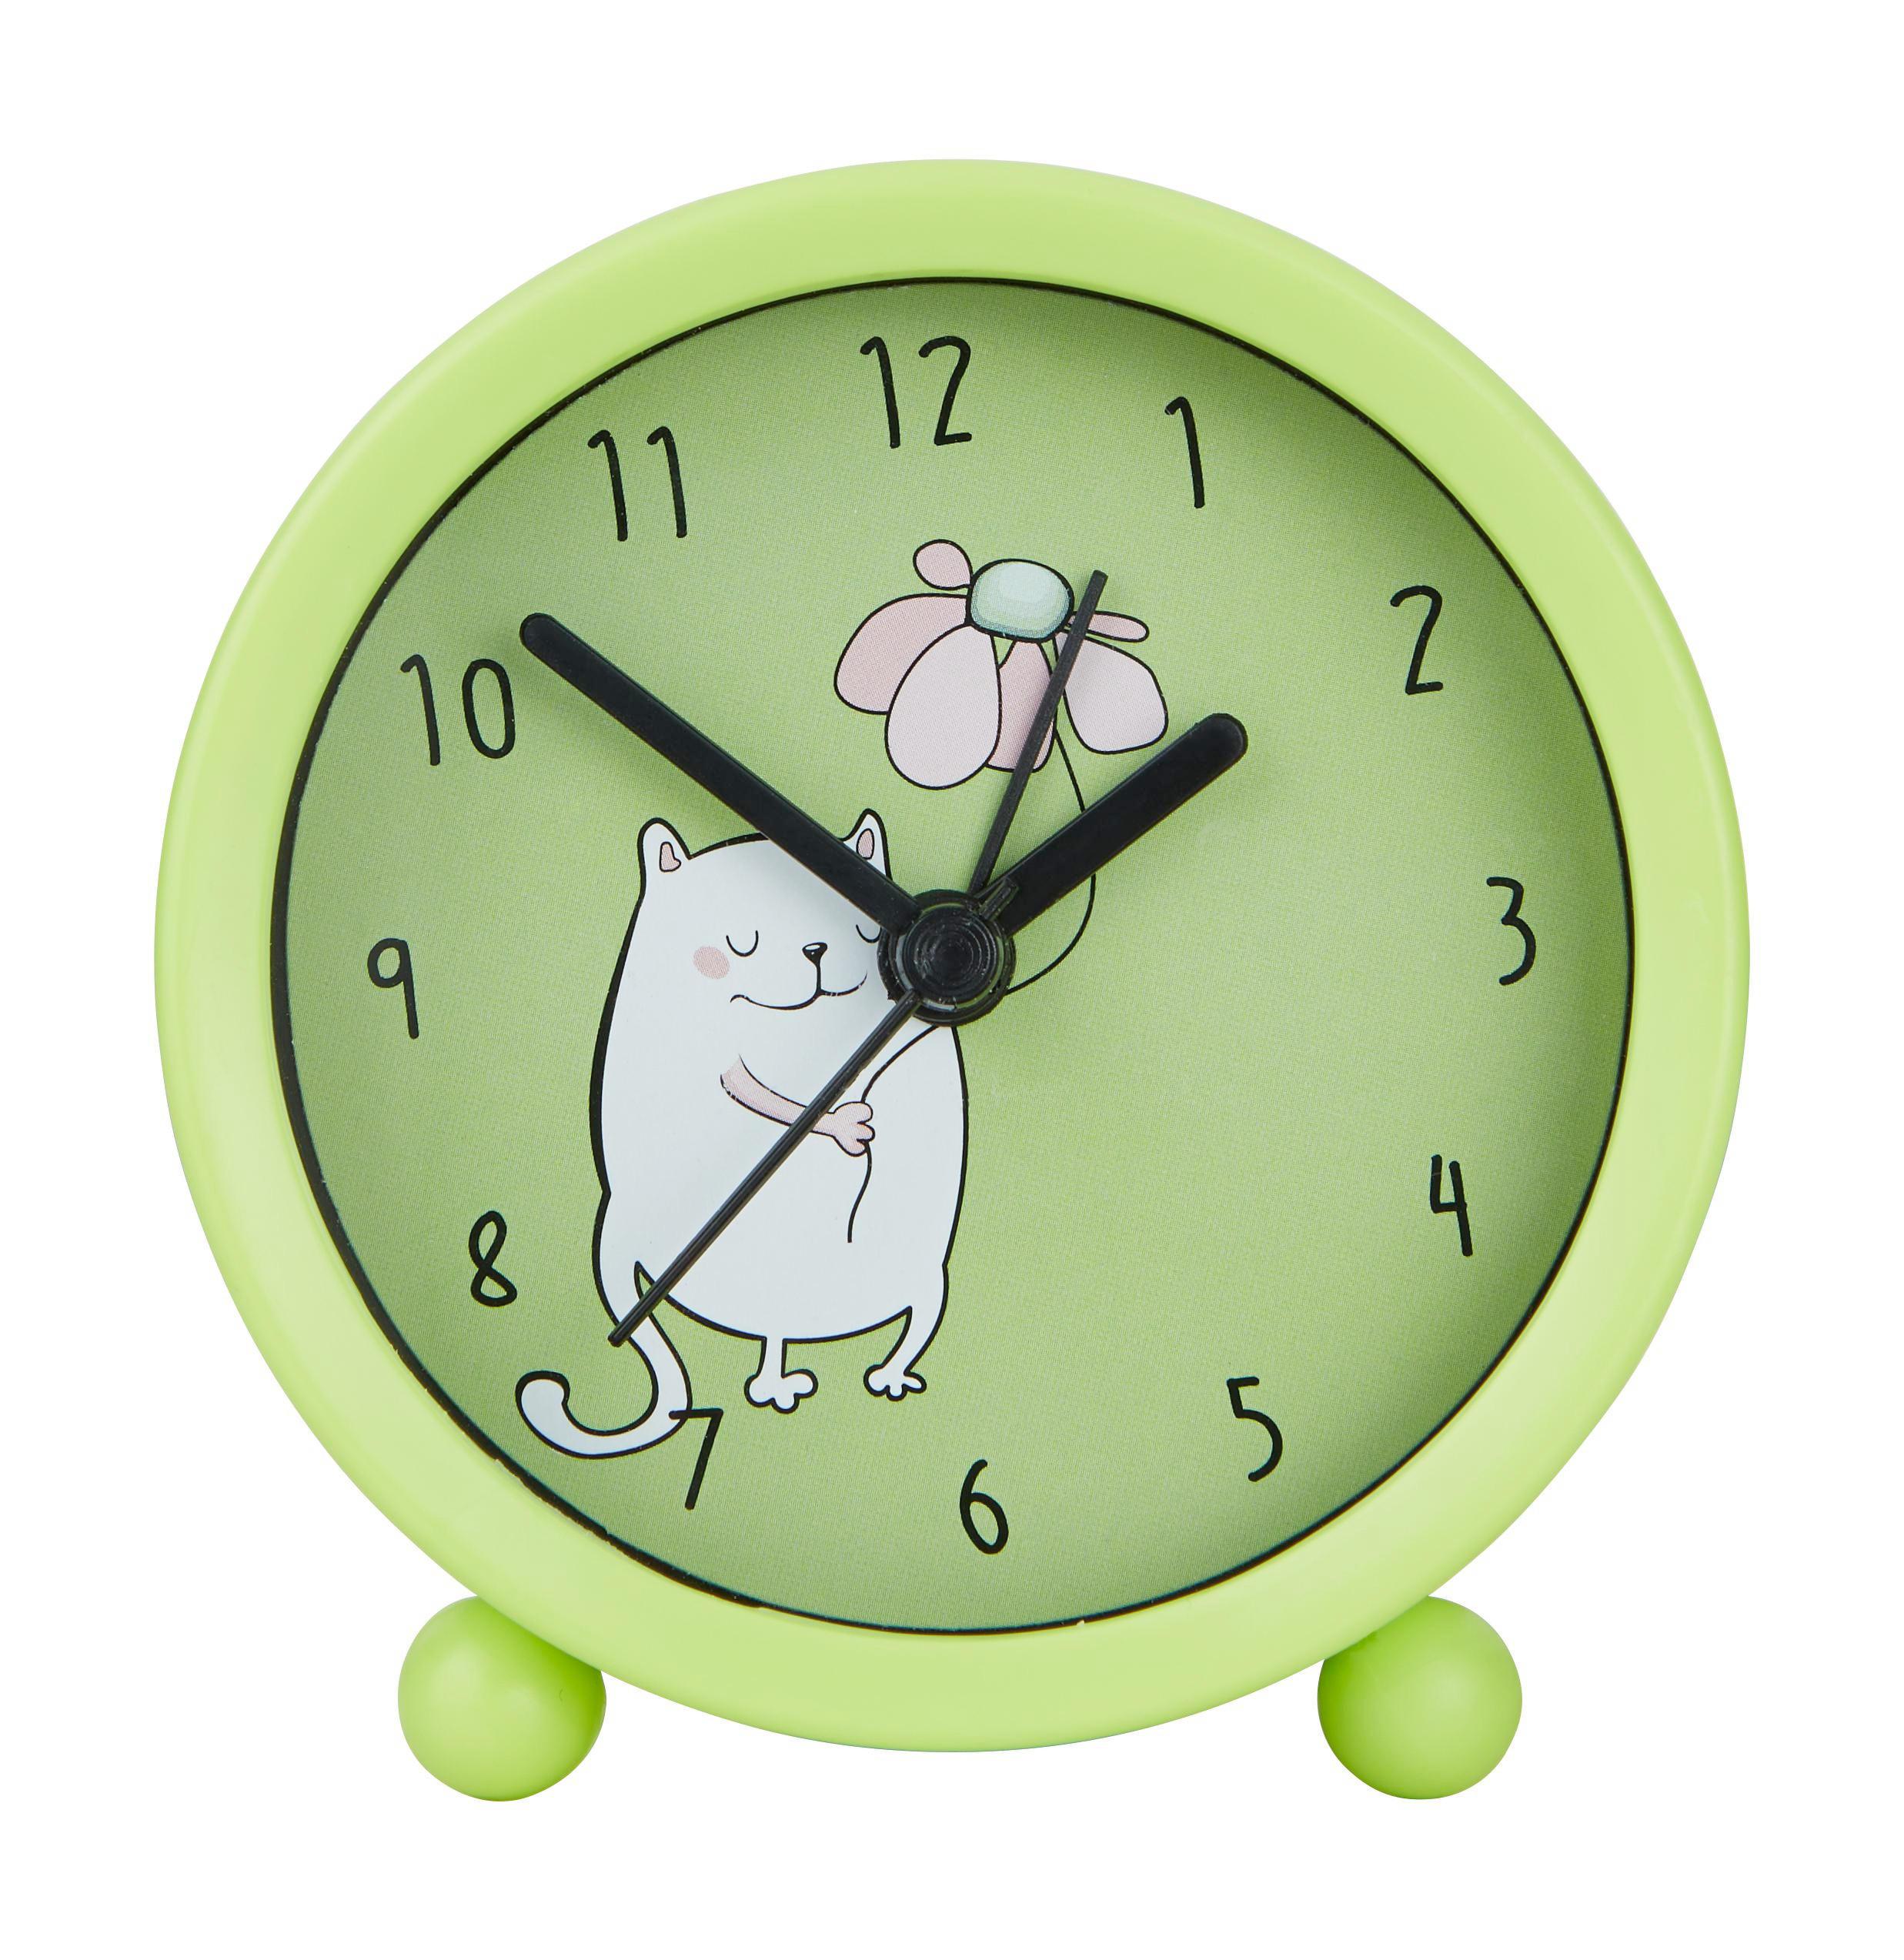 Küchenhelfer Timer analoge Wecker Glocke 60 Minuten für Koch